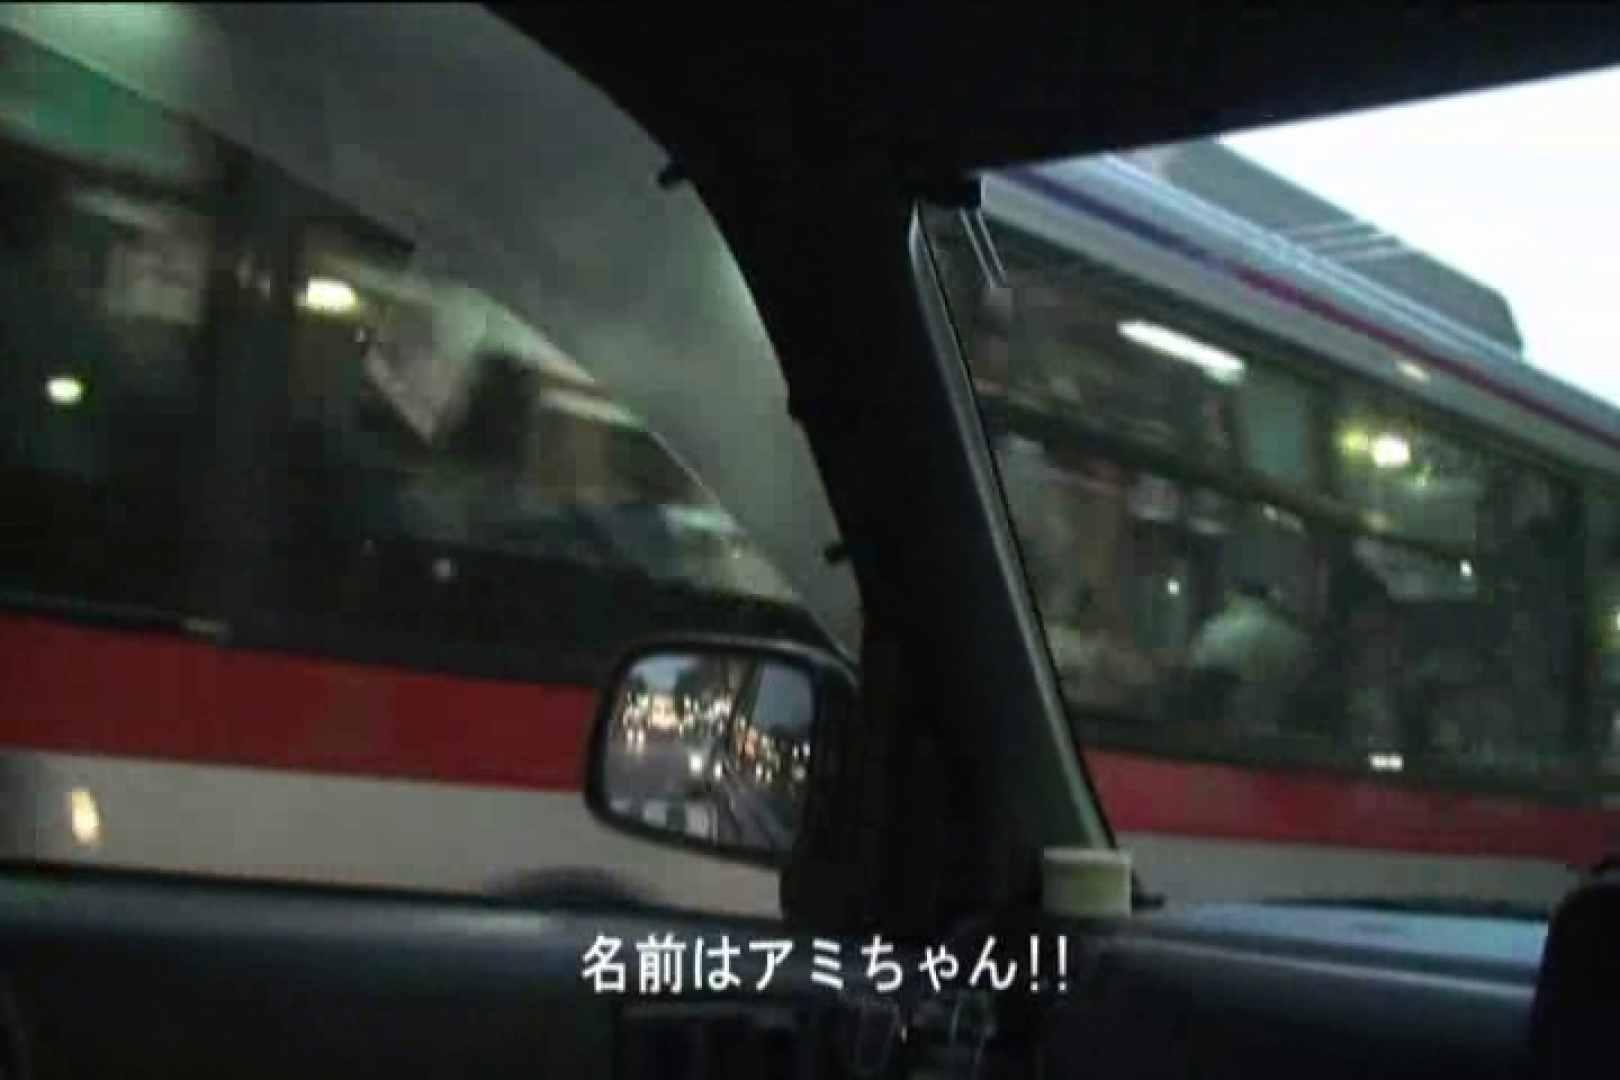 車内で初めまして! vol01 投稿 | ハプニング  13pic 1